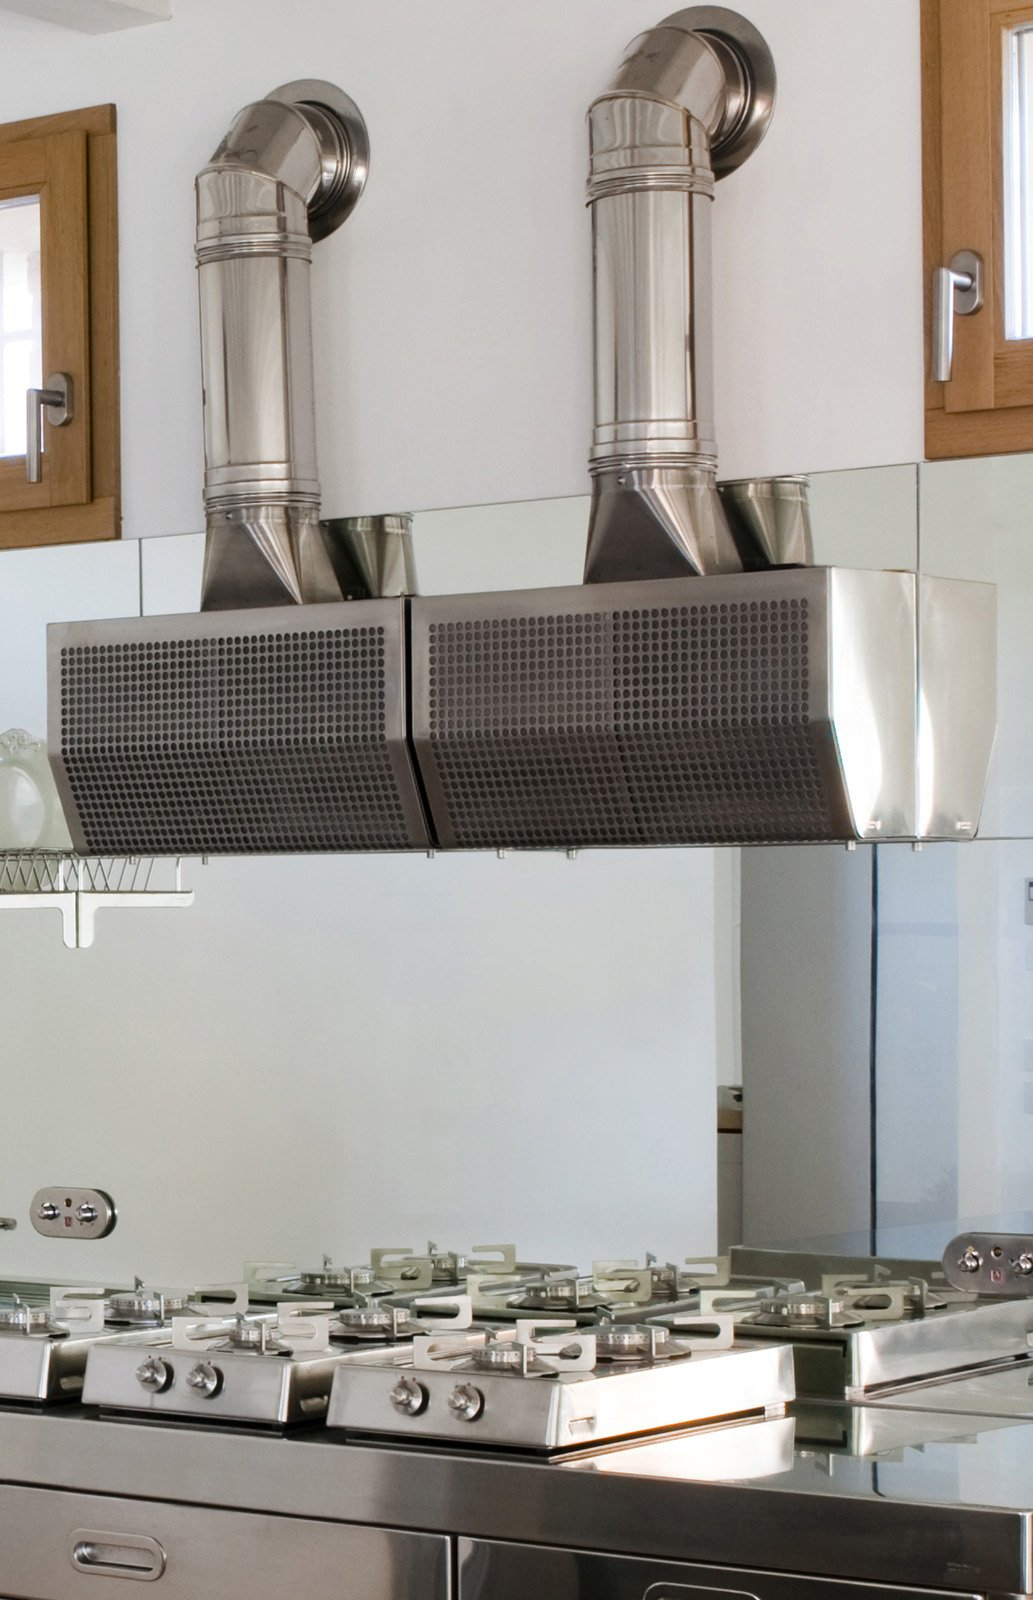 Cappe per la cucina cose di casa - Aspira odori cucina ...